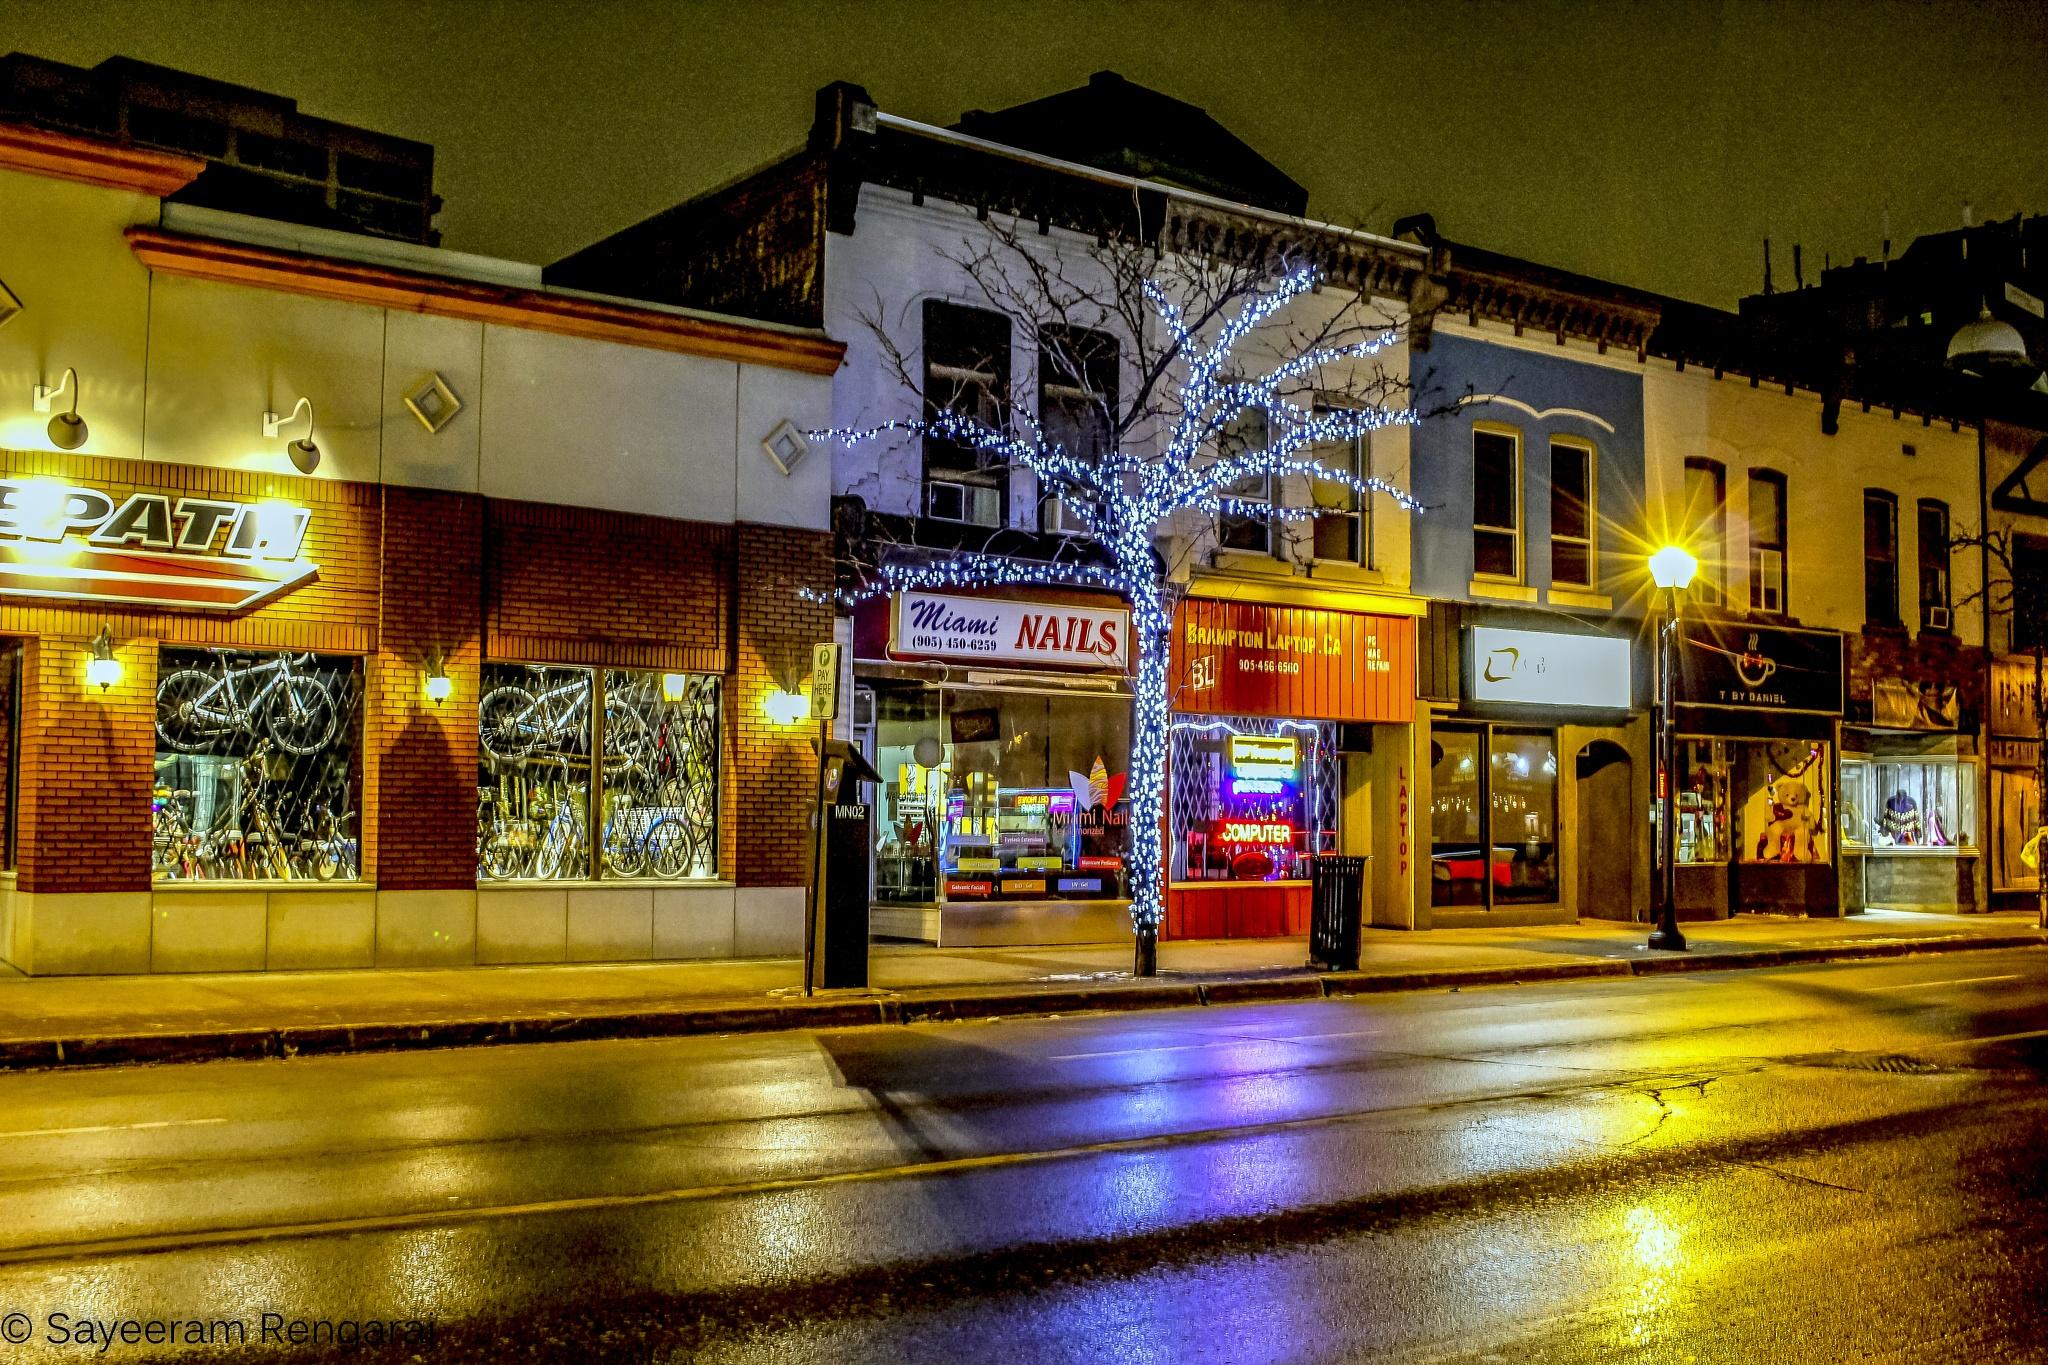 Main St. @ nights by Sayeeram Rengaraj